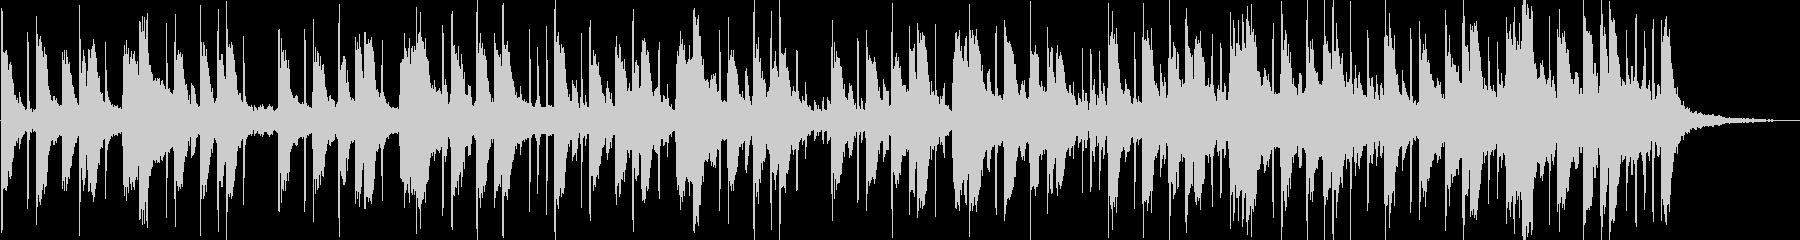 クールなサイバーBGMの未再生の波形